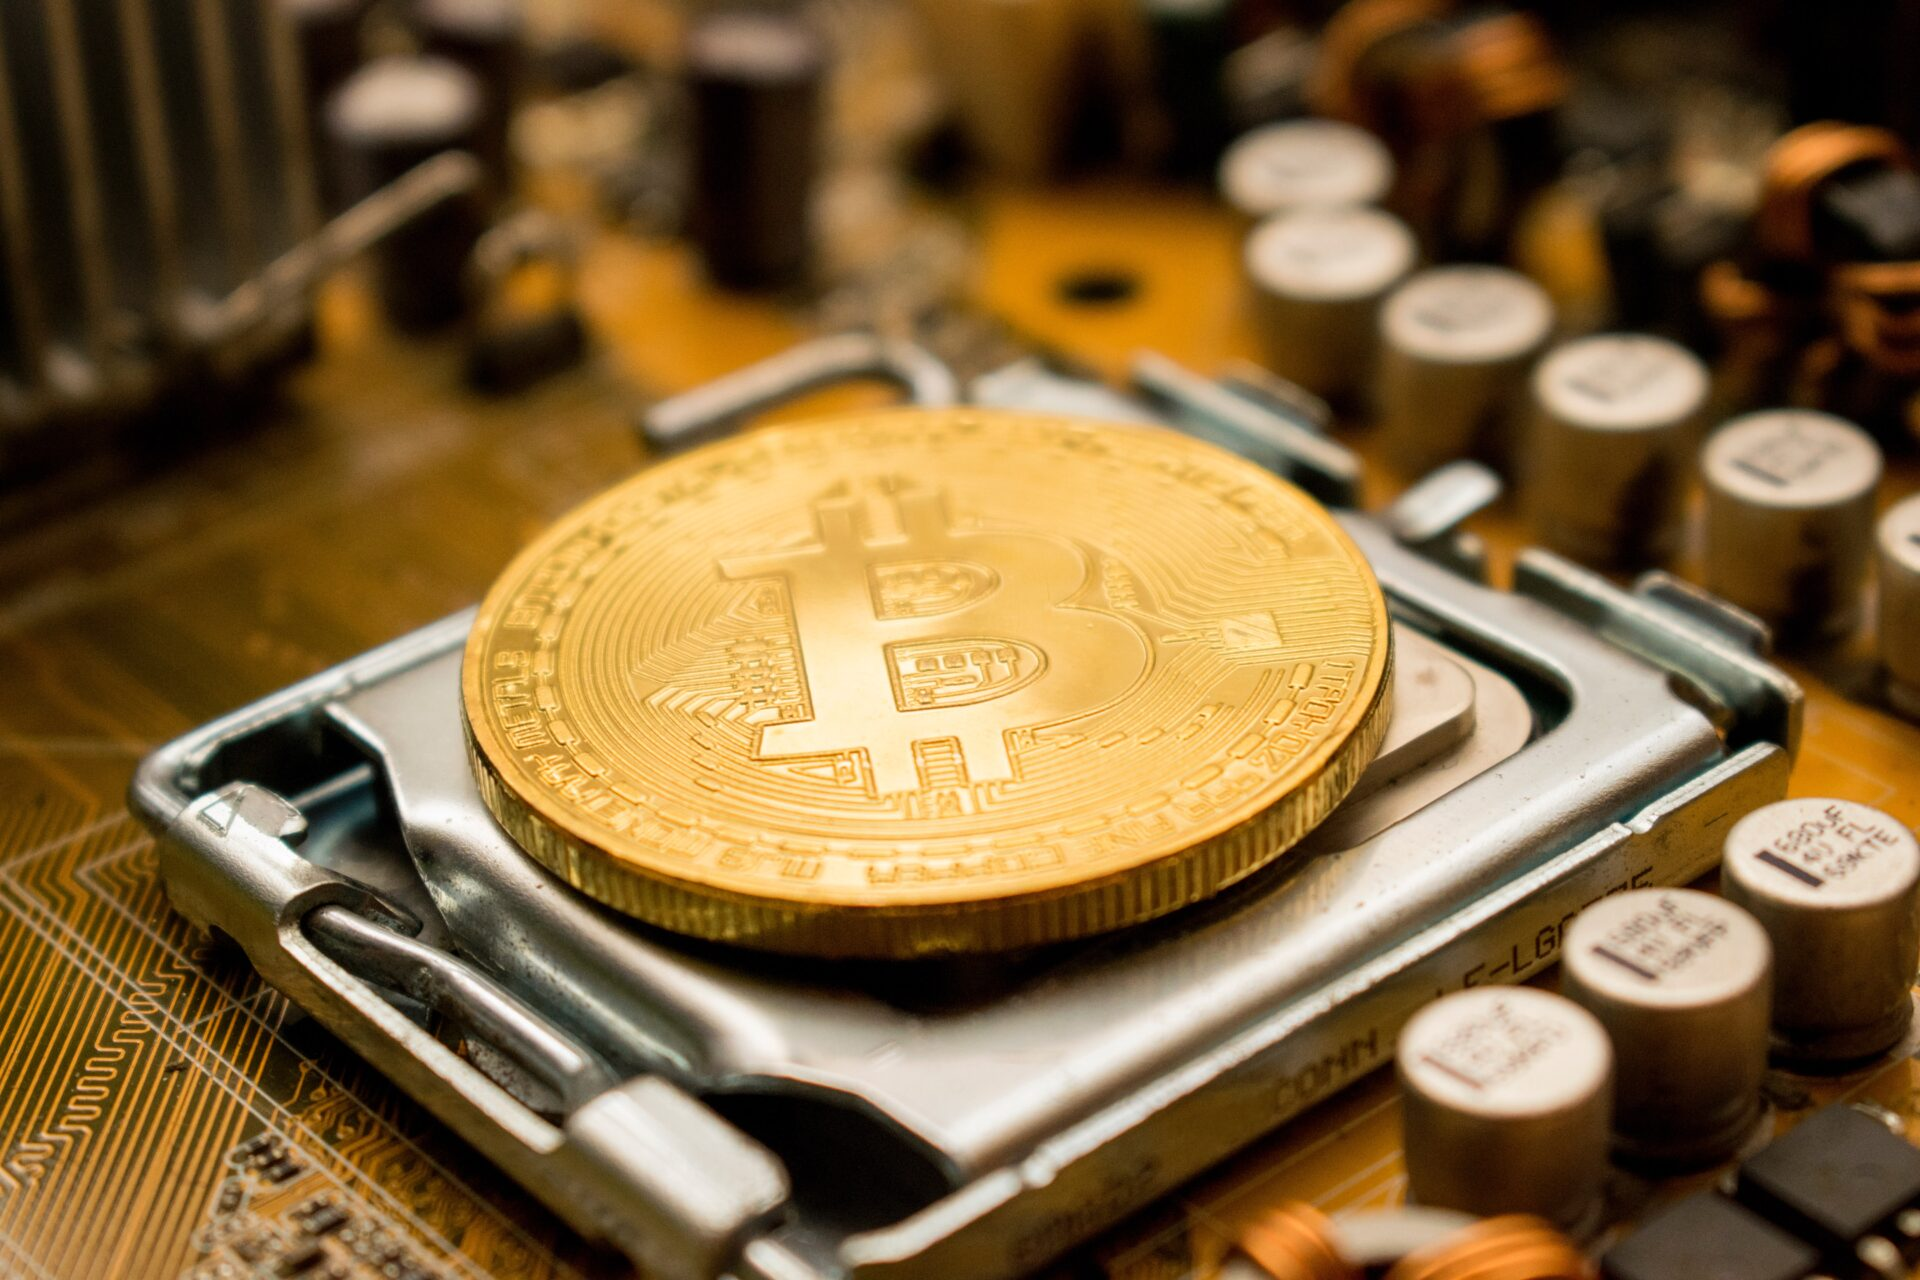 ماینینگ ( Mining ) یا استخراج ارز دیجیتال چیست؟